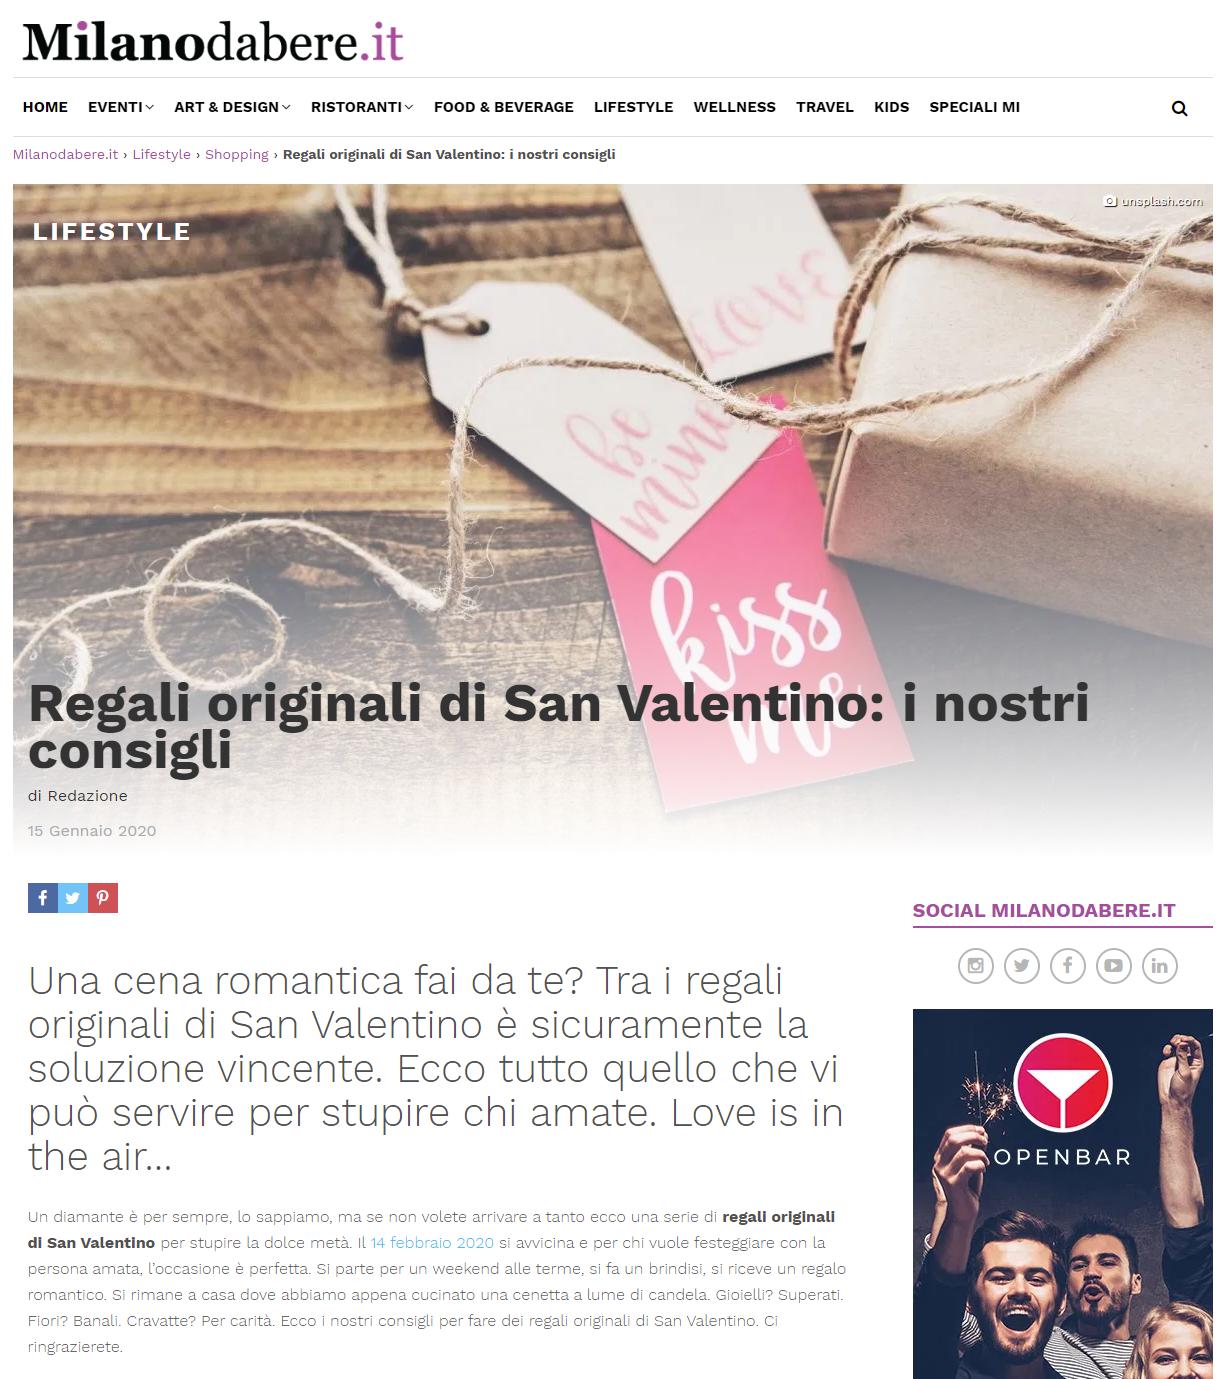 2020 gennaio 15: Milanodabere.it – Regali originali di San Valentino: i nostri consigli